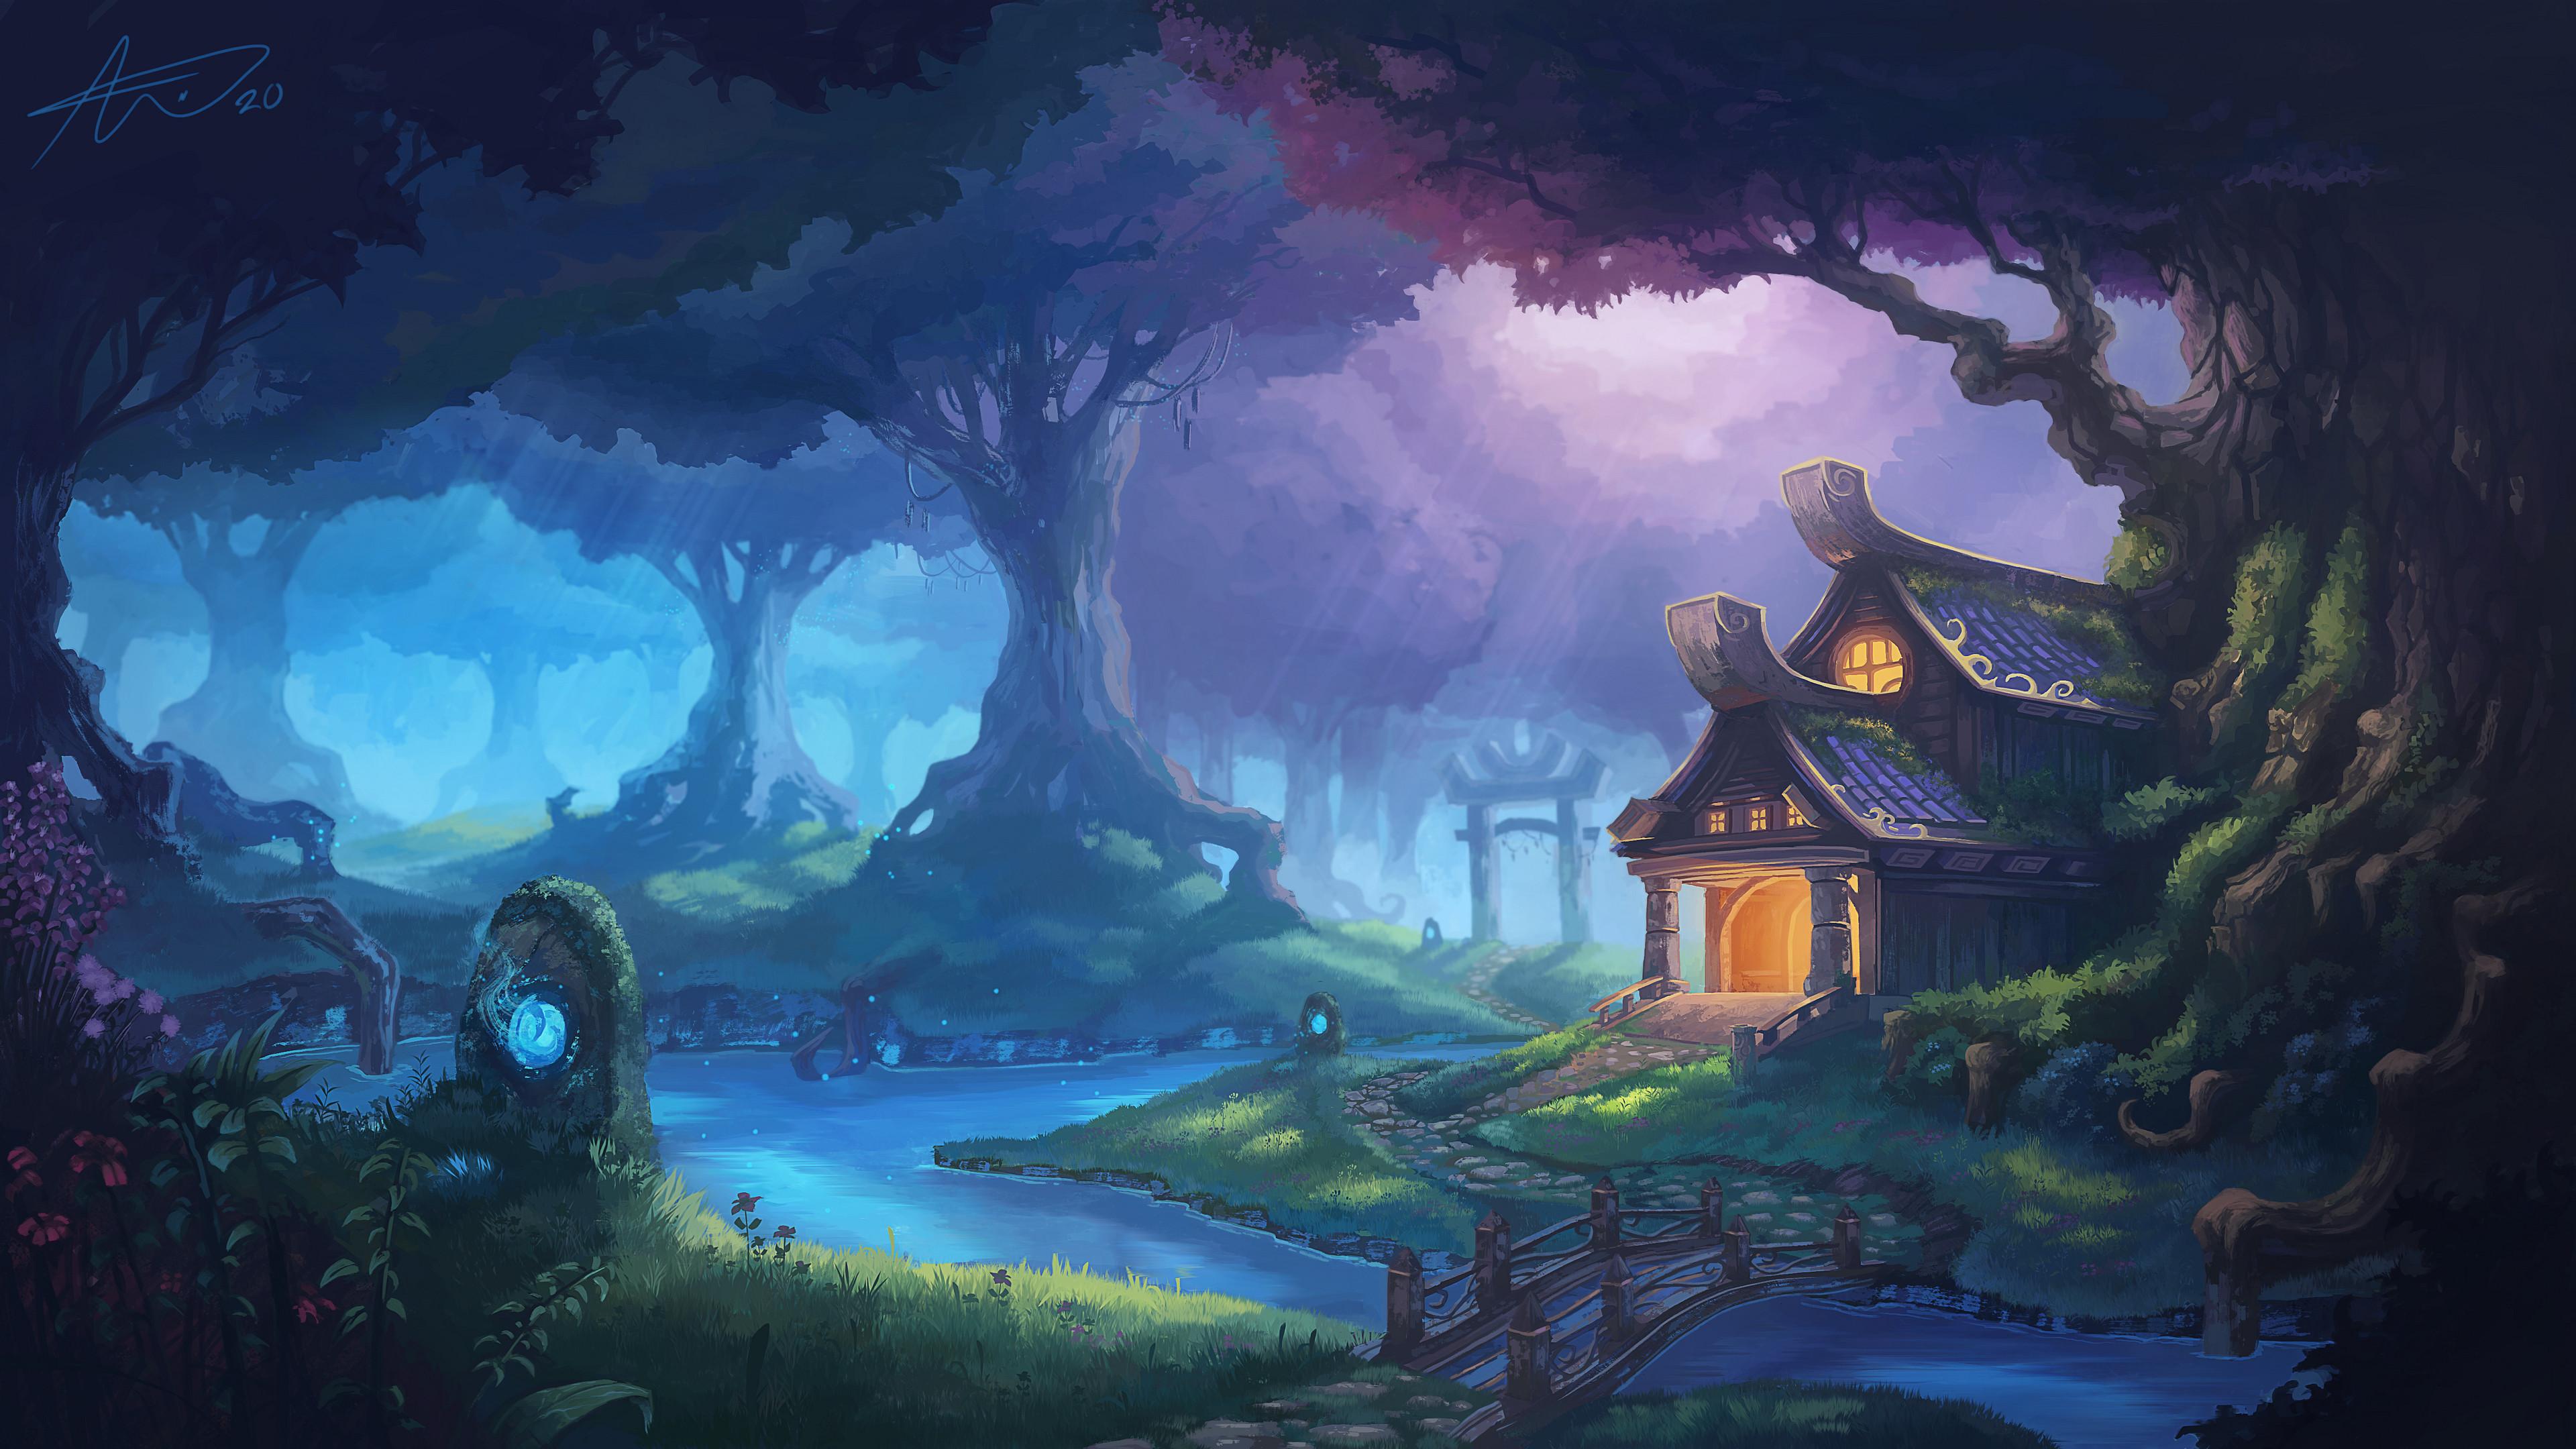 General 3840x2160 landscape digital art Forange forest artwork World of Warcraft Warcraft